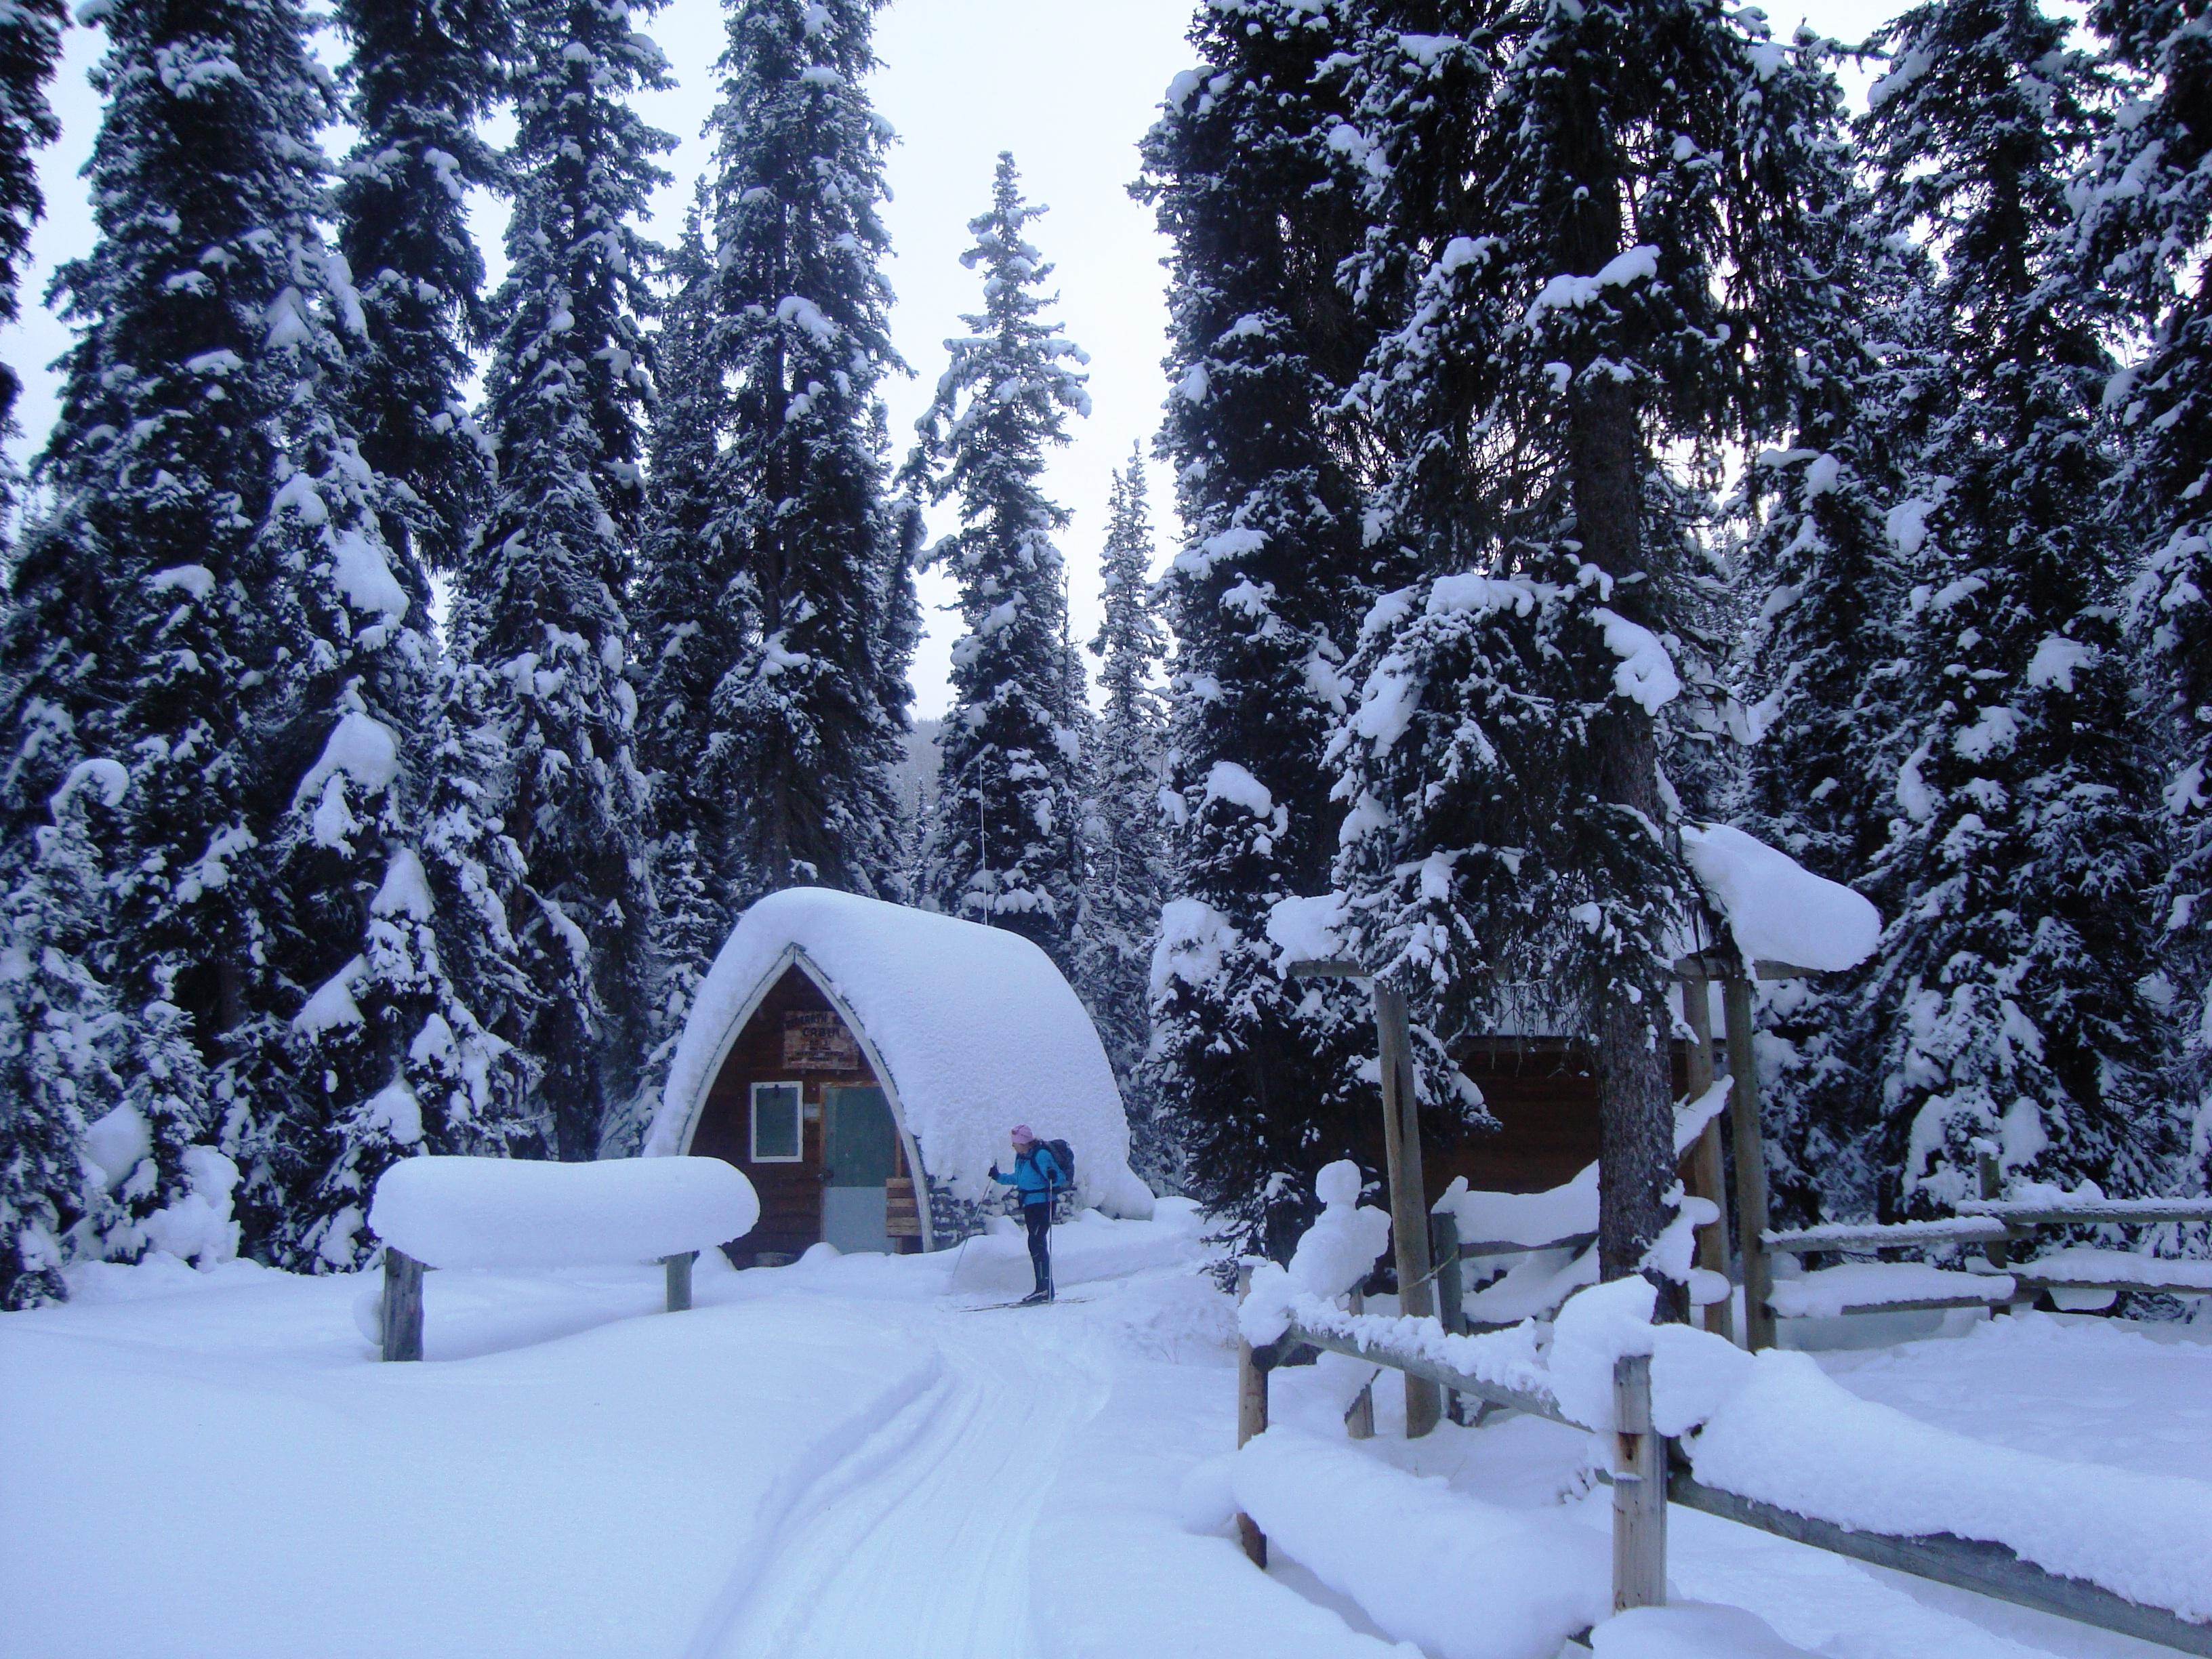 Warden's cabin on Redearth Creek Jan 9, 2009